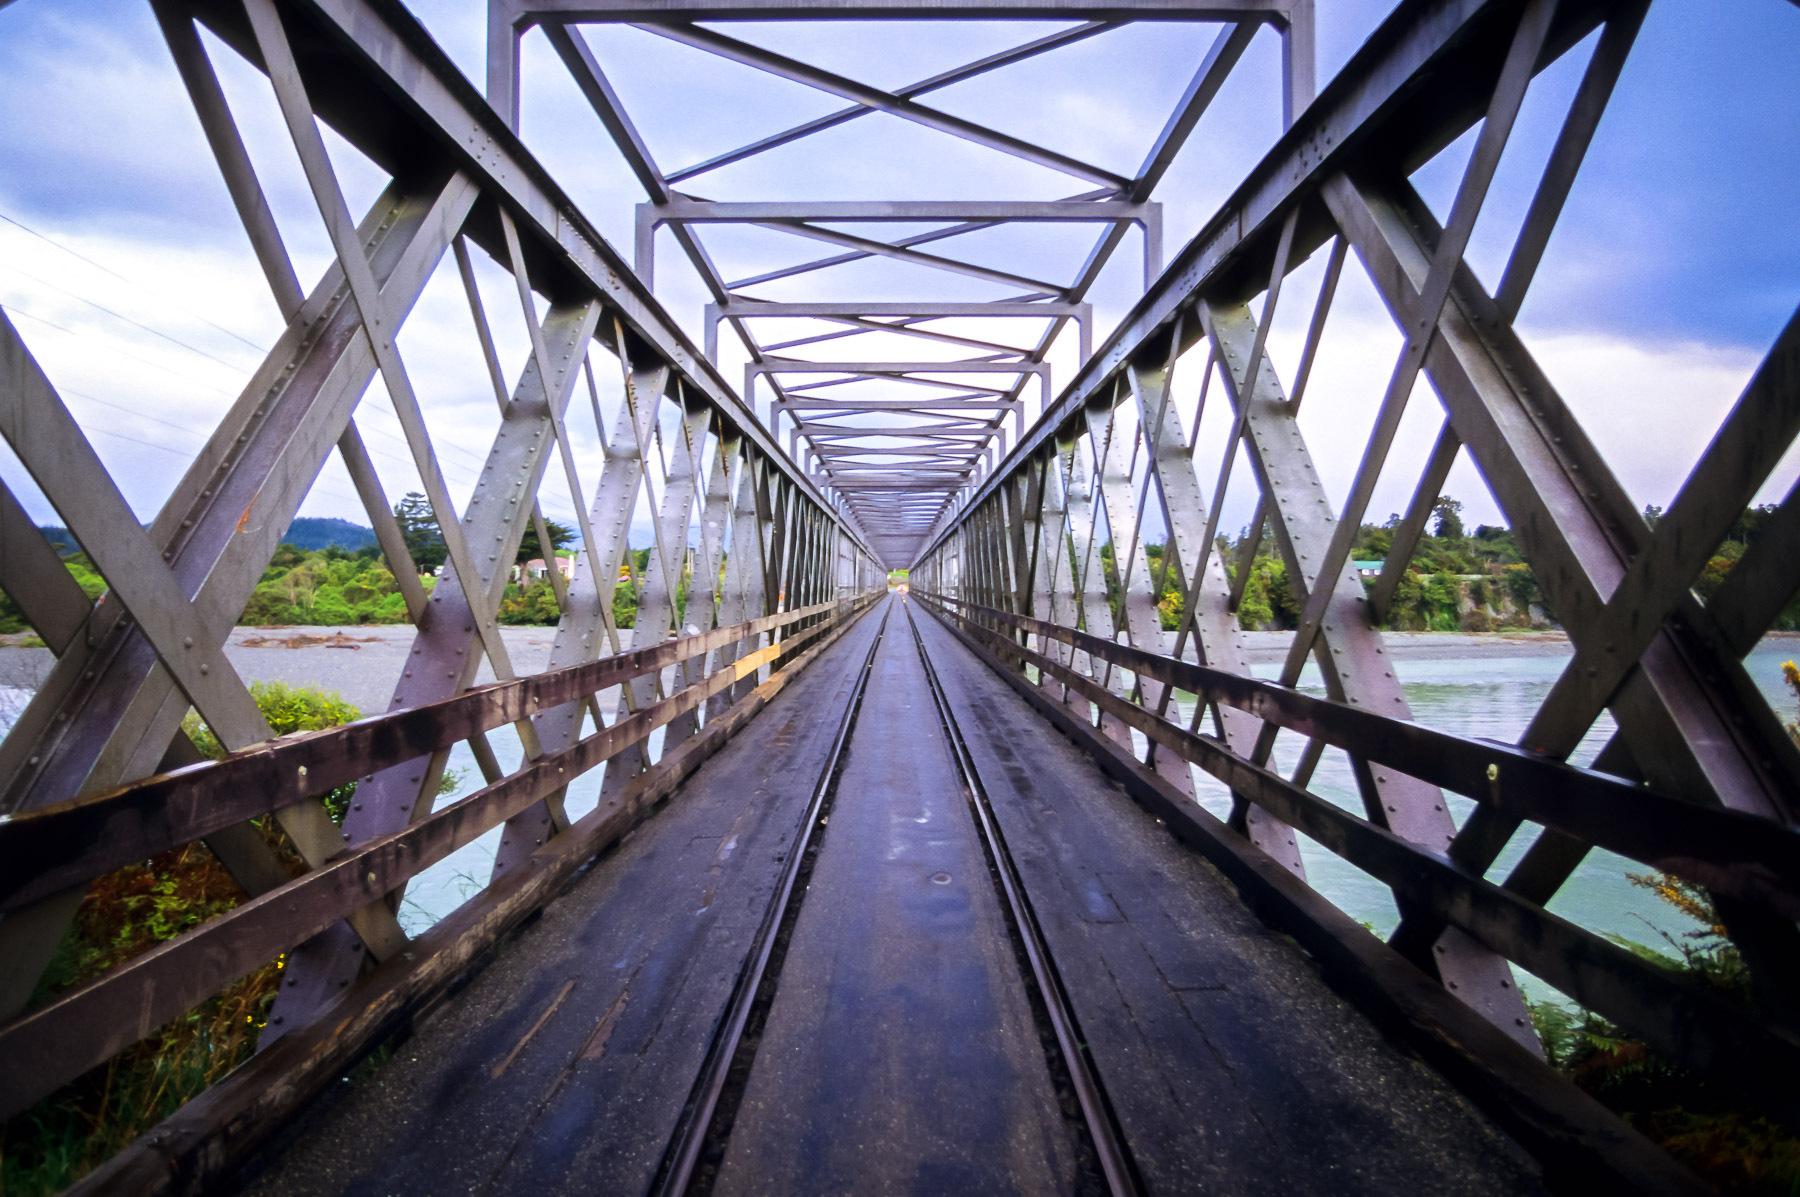 1one_way_bridge.jpg